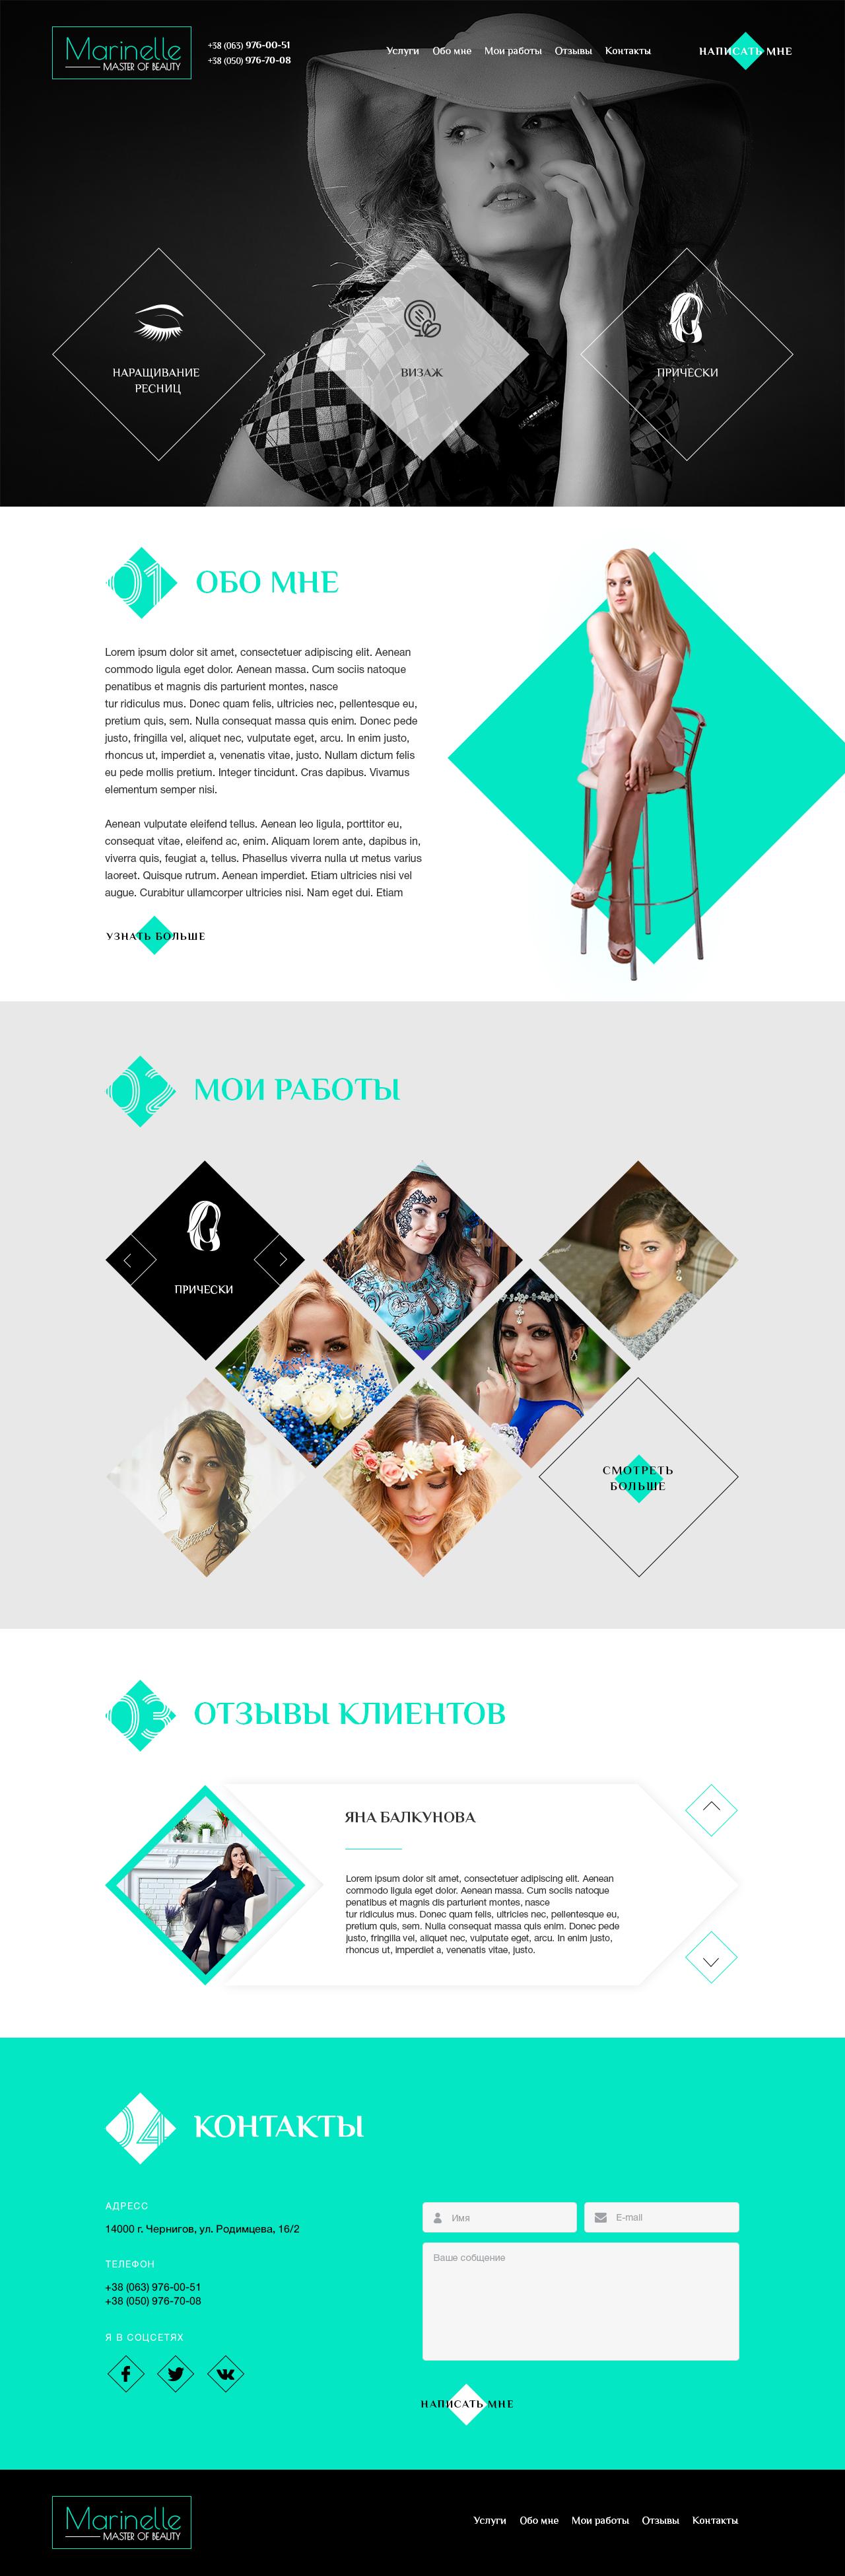 Веб-сайт для мастера красоты